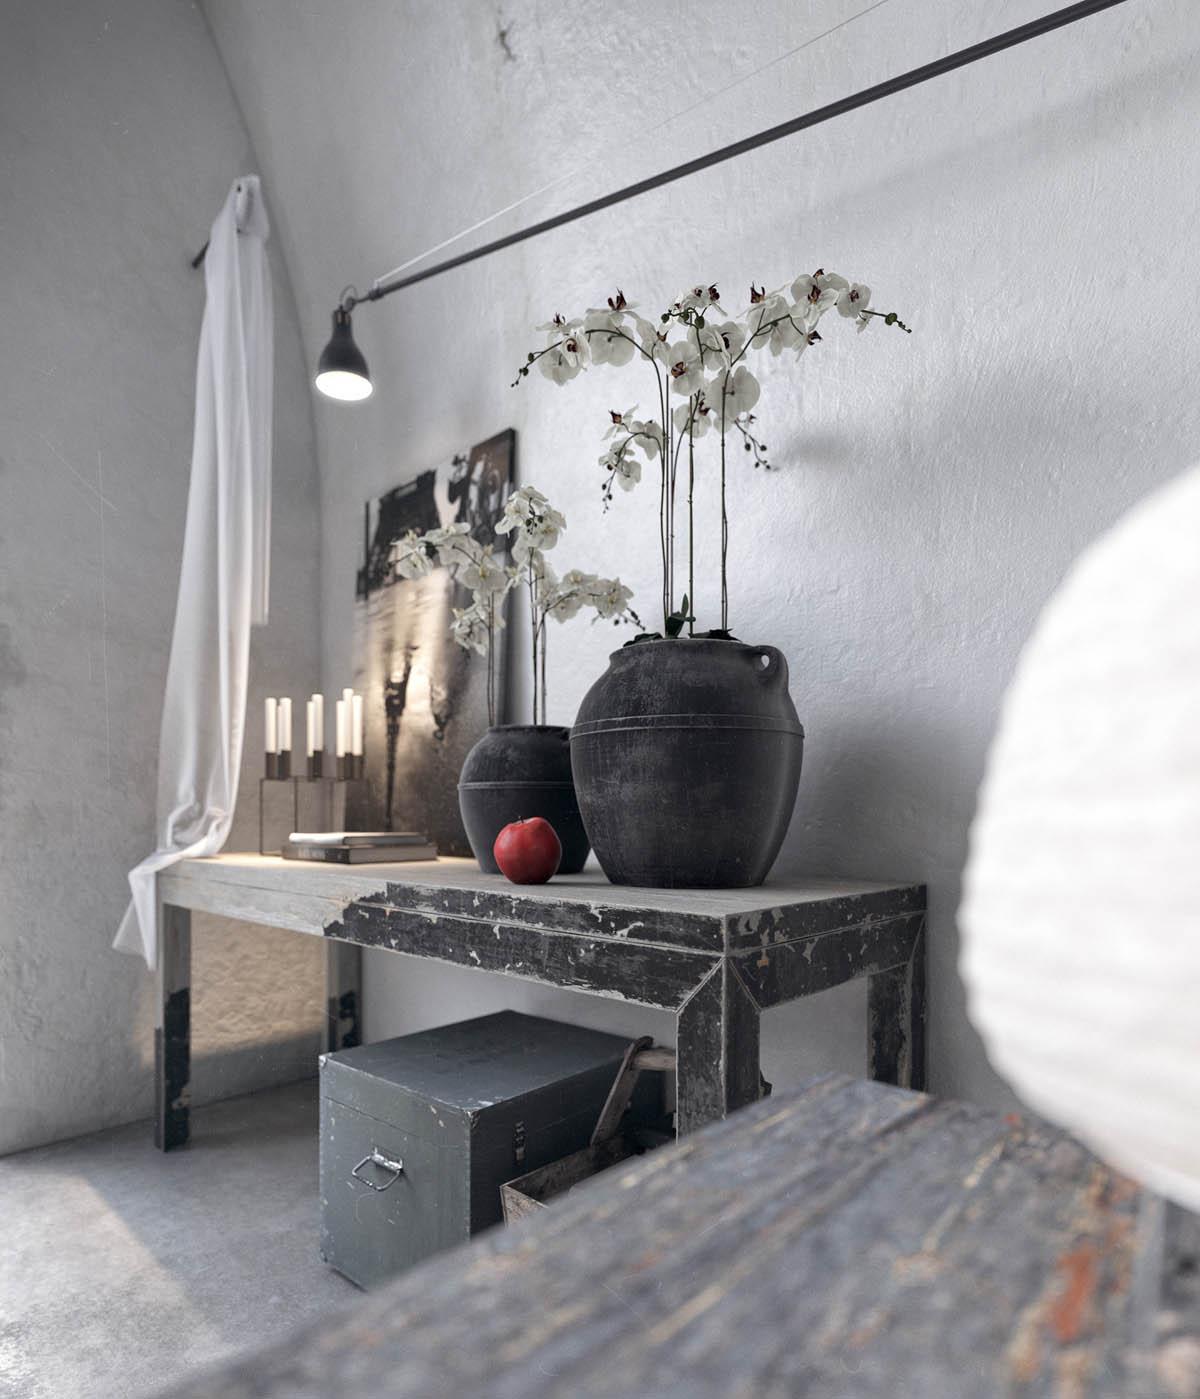 Diseño interior rústico moderno industrial